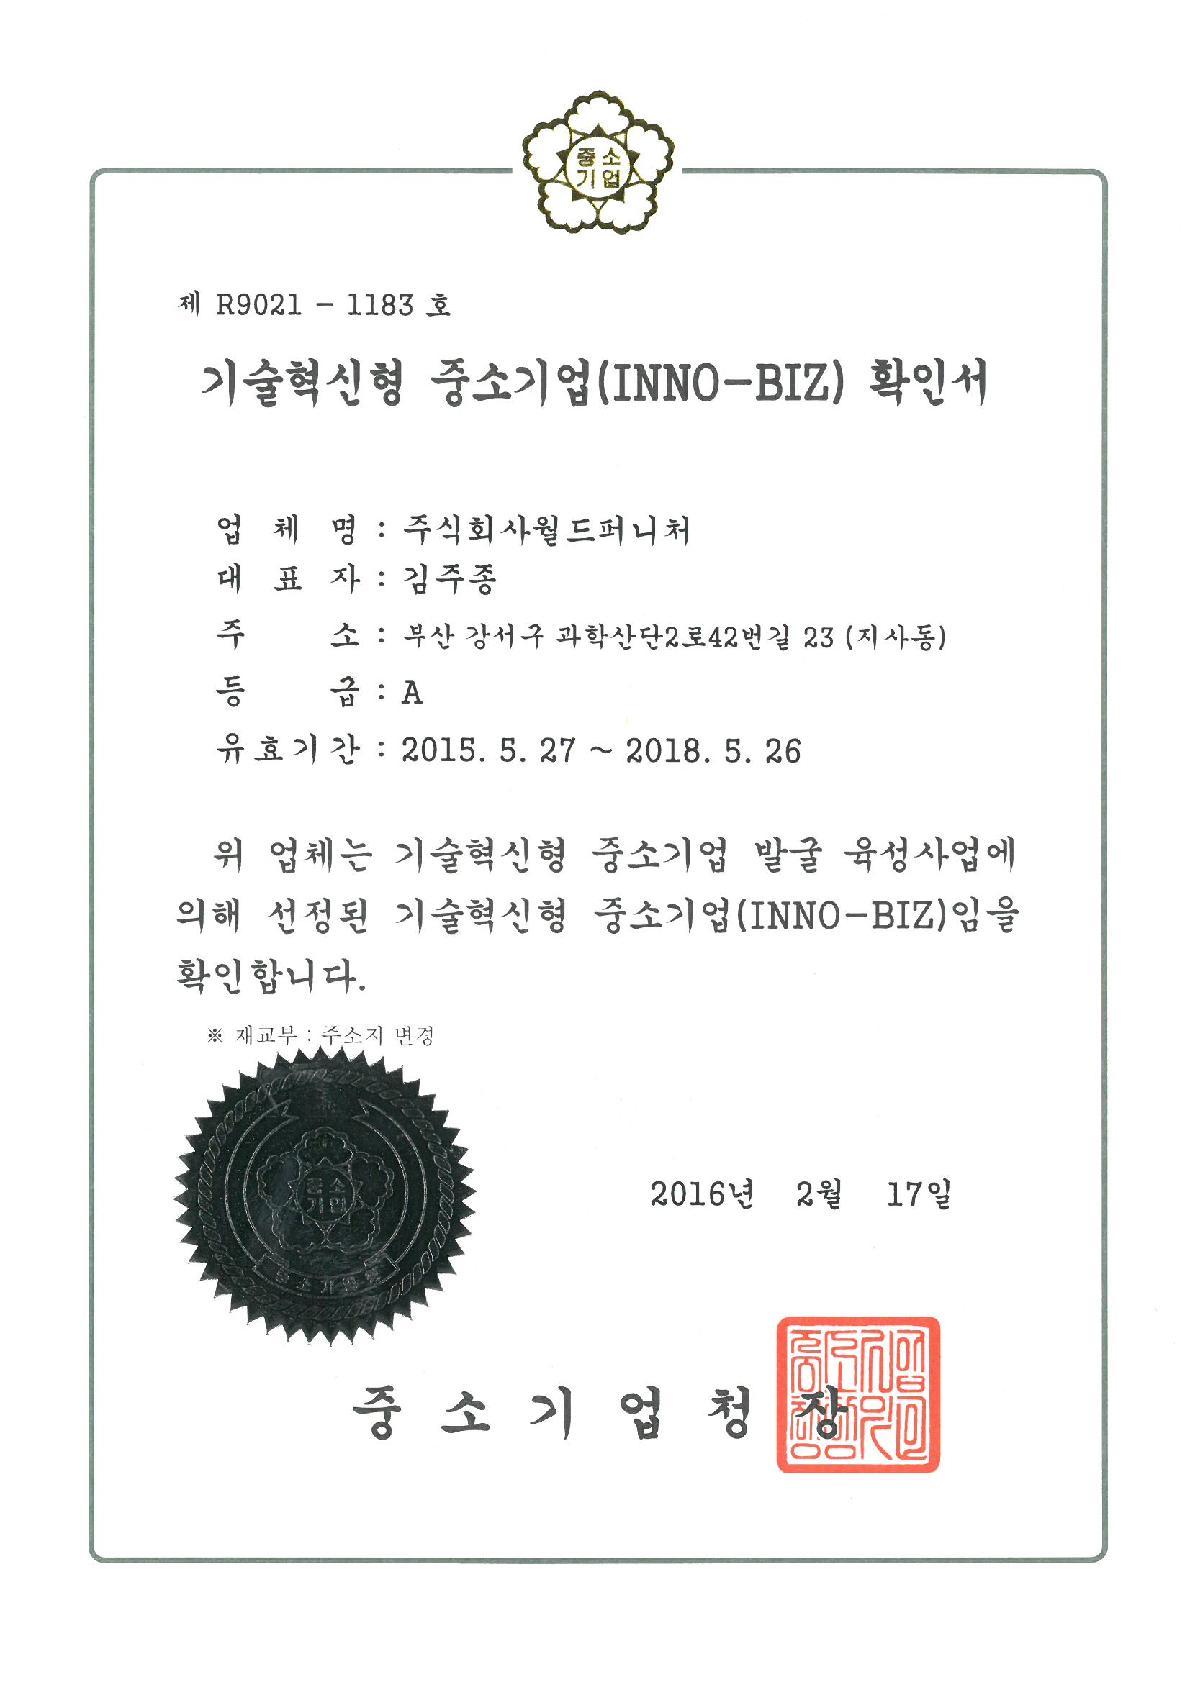 기술혁신형 중소기업 확인서(이노비즈) - 국문